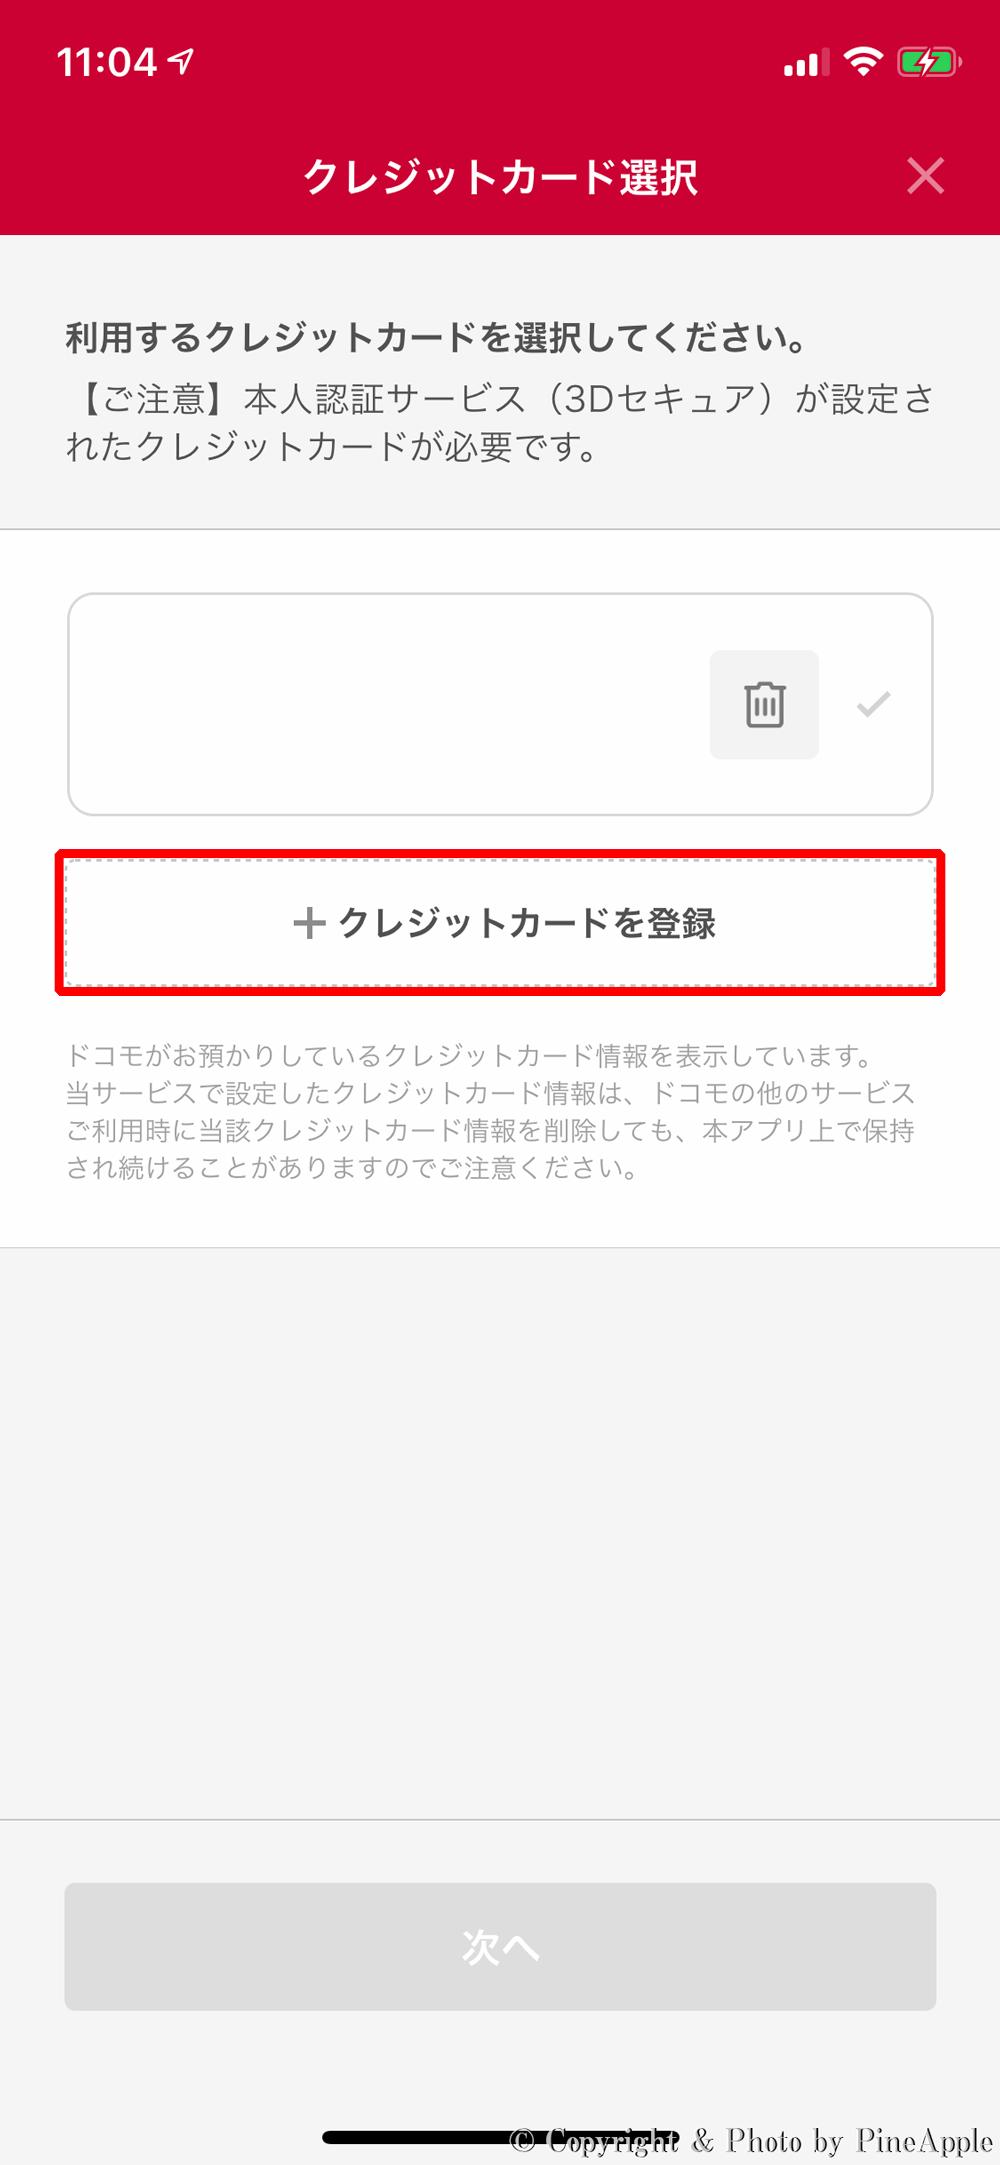 d 払い:「+ クレジットカードを登録」をタップ